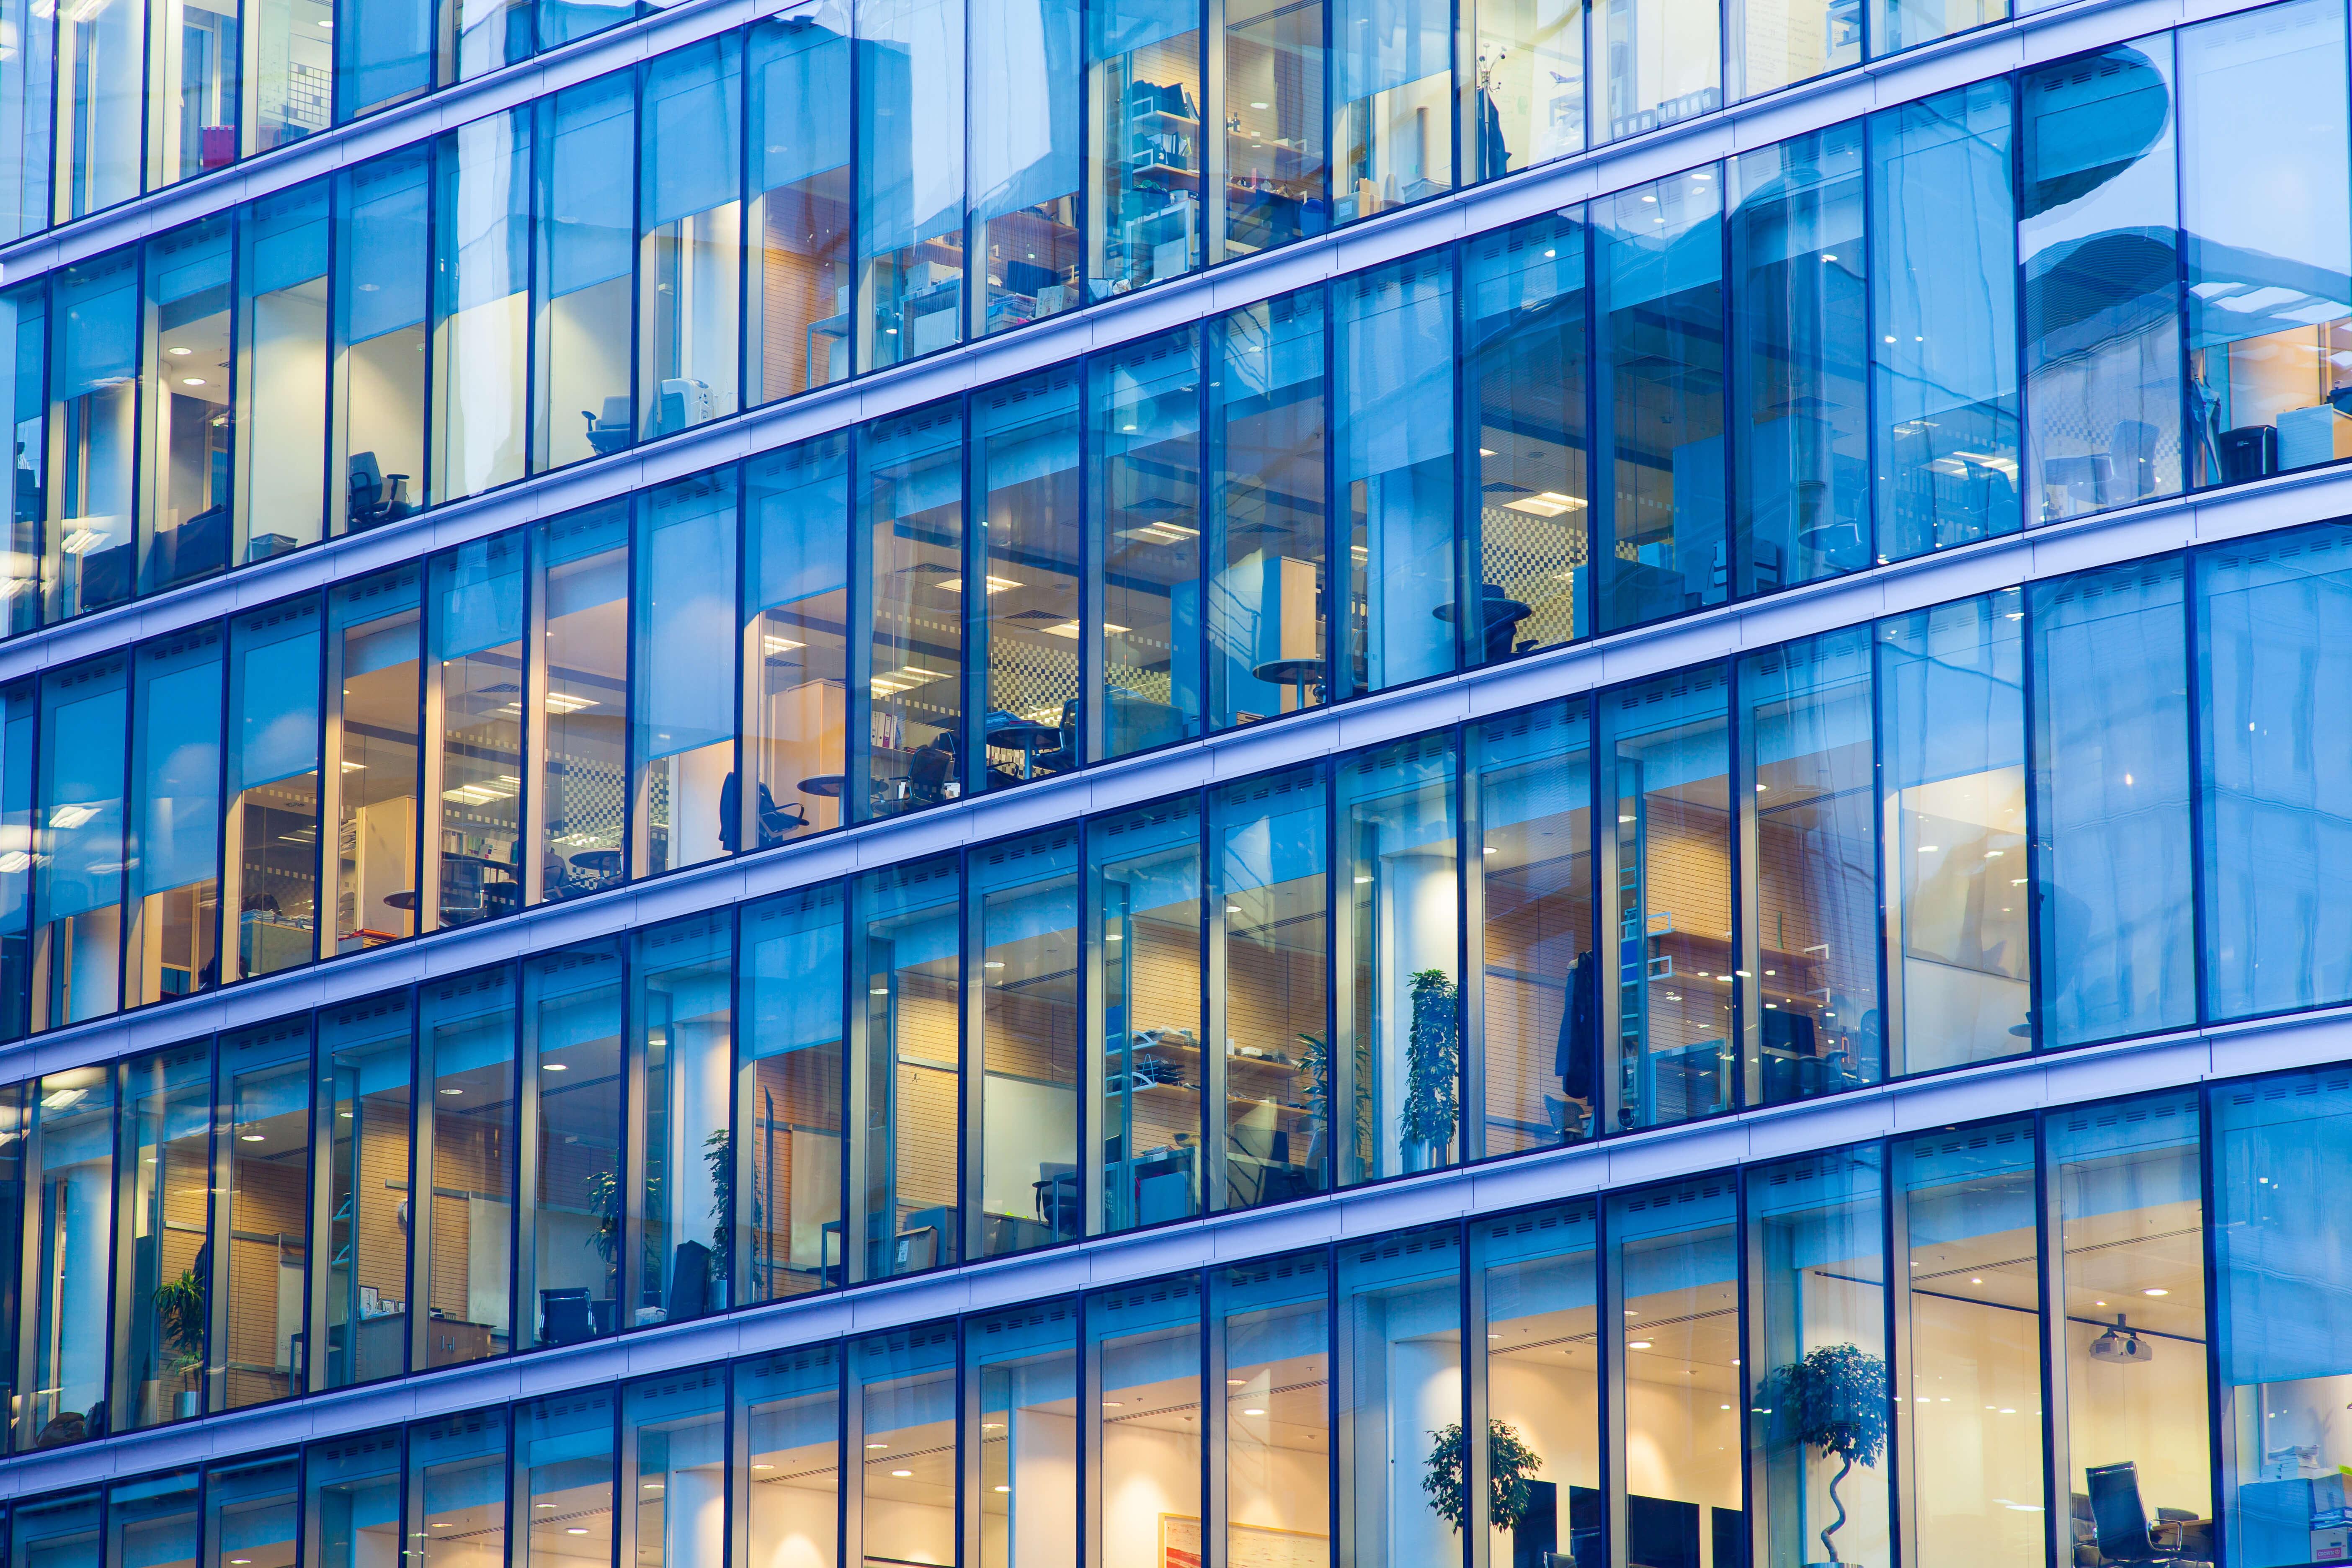 Az építészmérnökök hátat fordítanak az üveg dizájnnak?